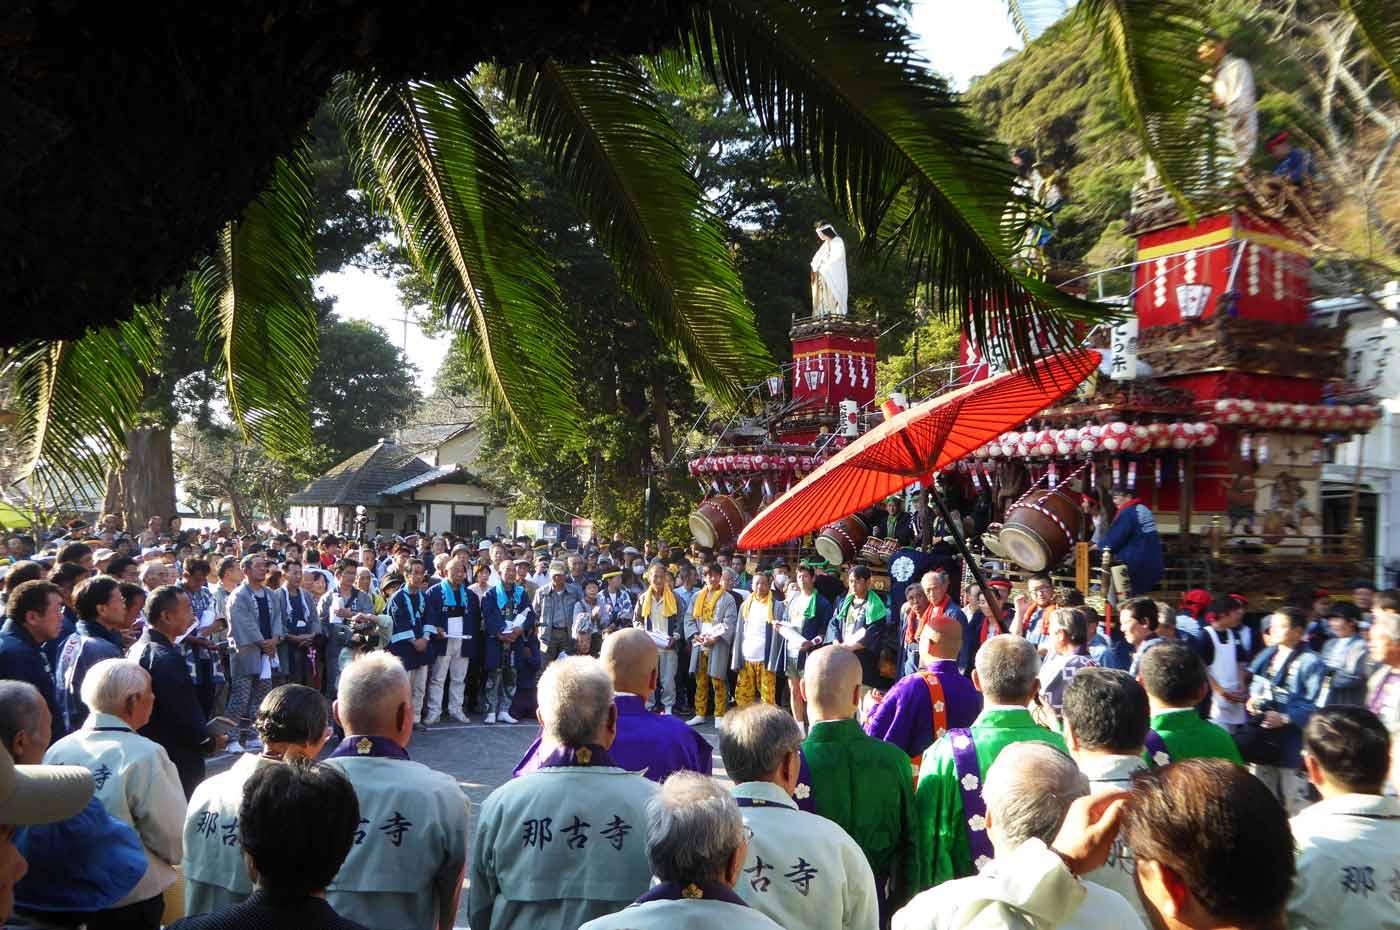 祭りの祭典を本堂から撮影